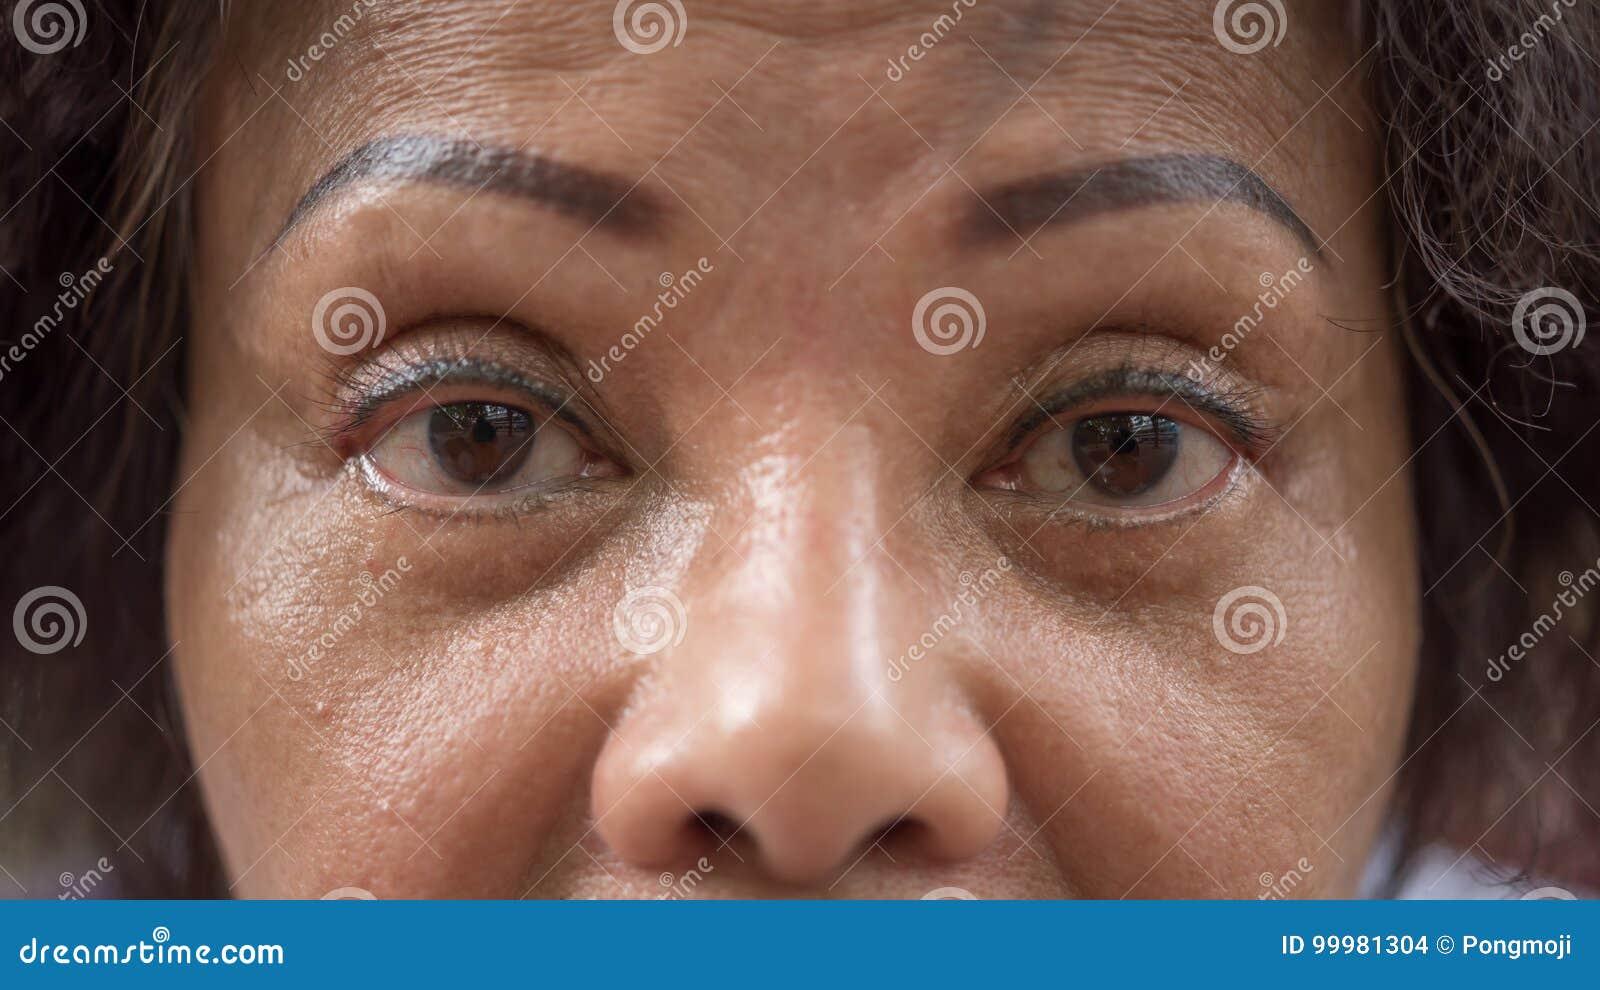 Azjatyckie Starszych Osob Kobiety Pokazują Ona Oczy I Brew